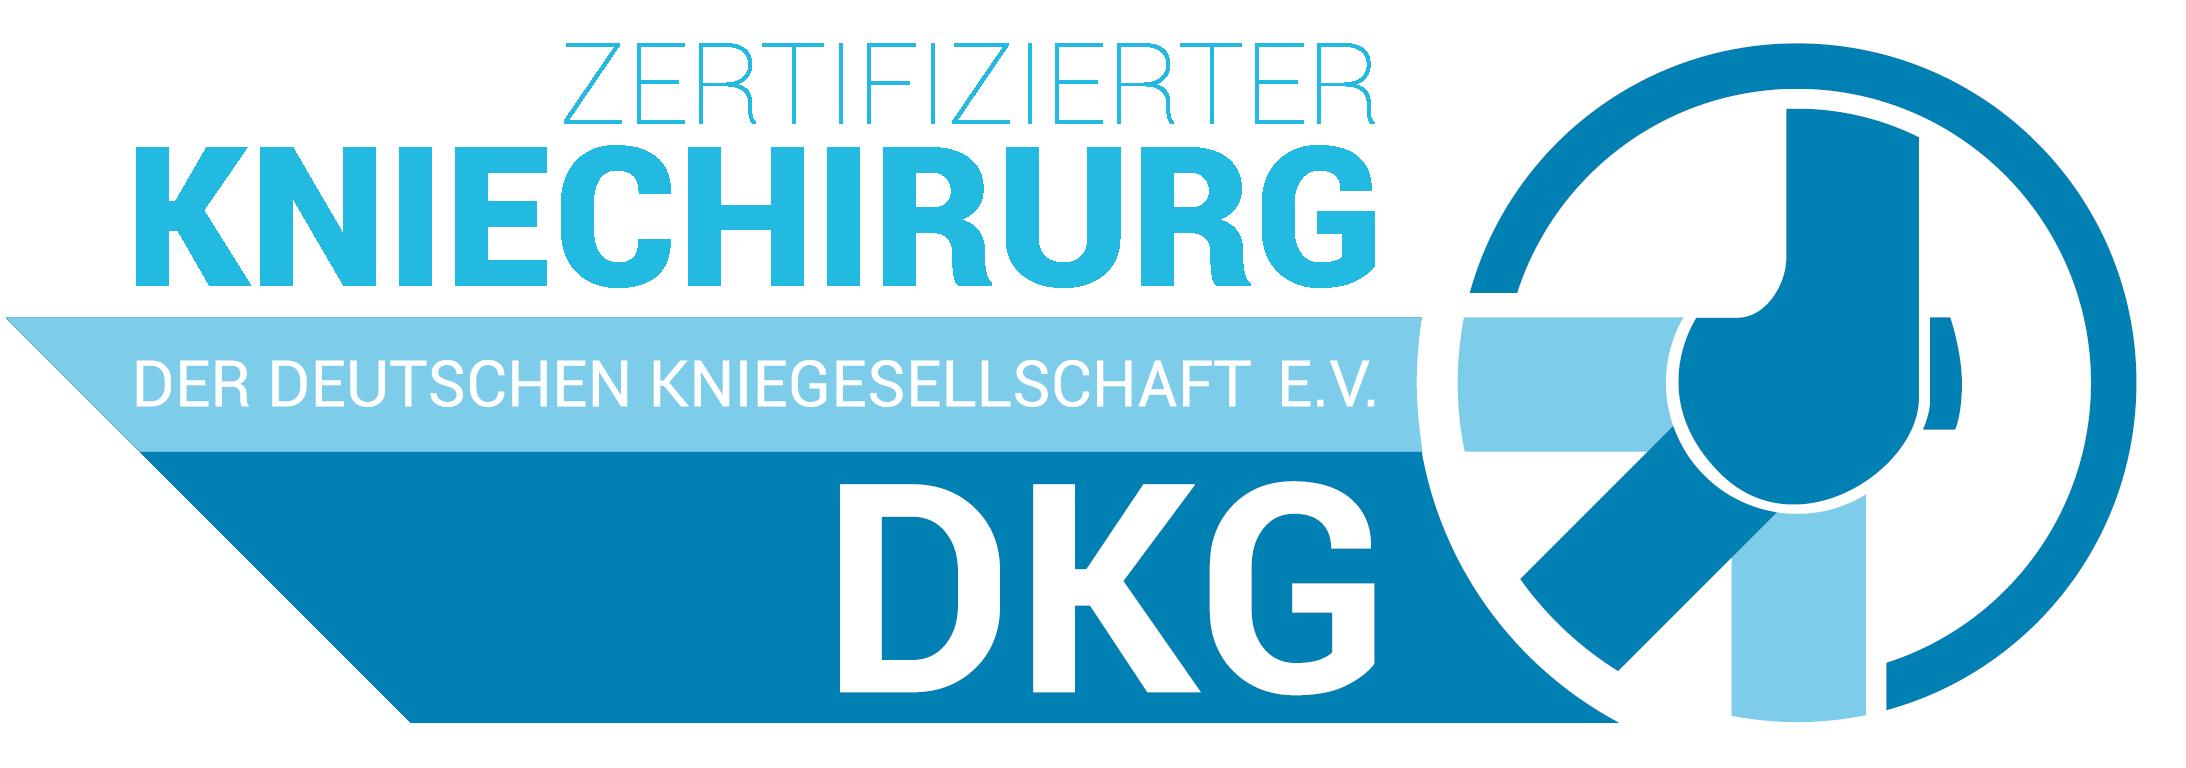 logo knie